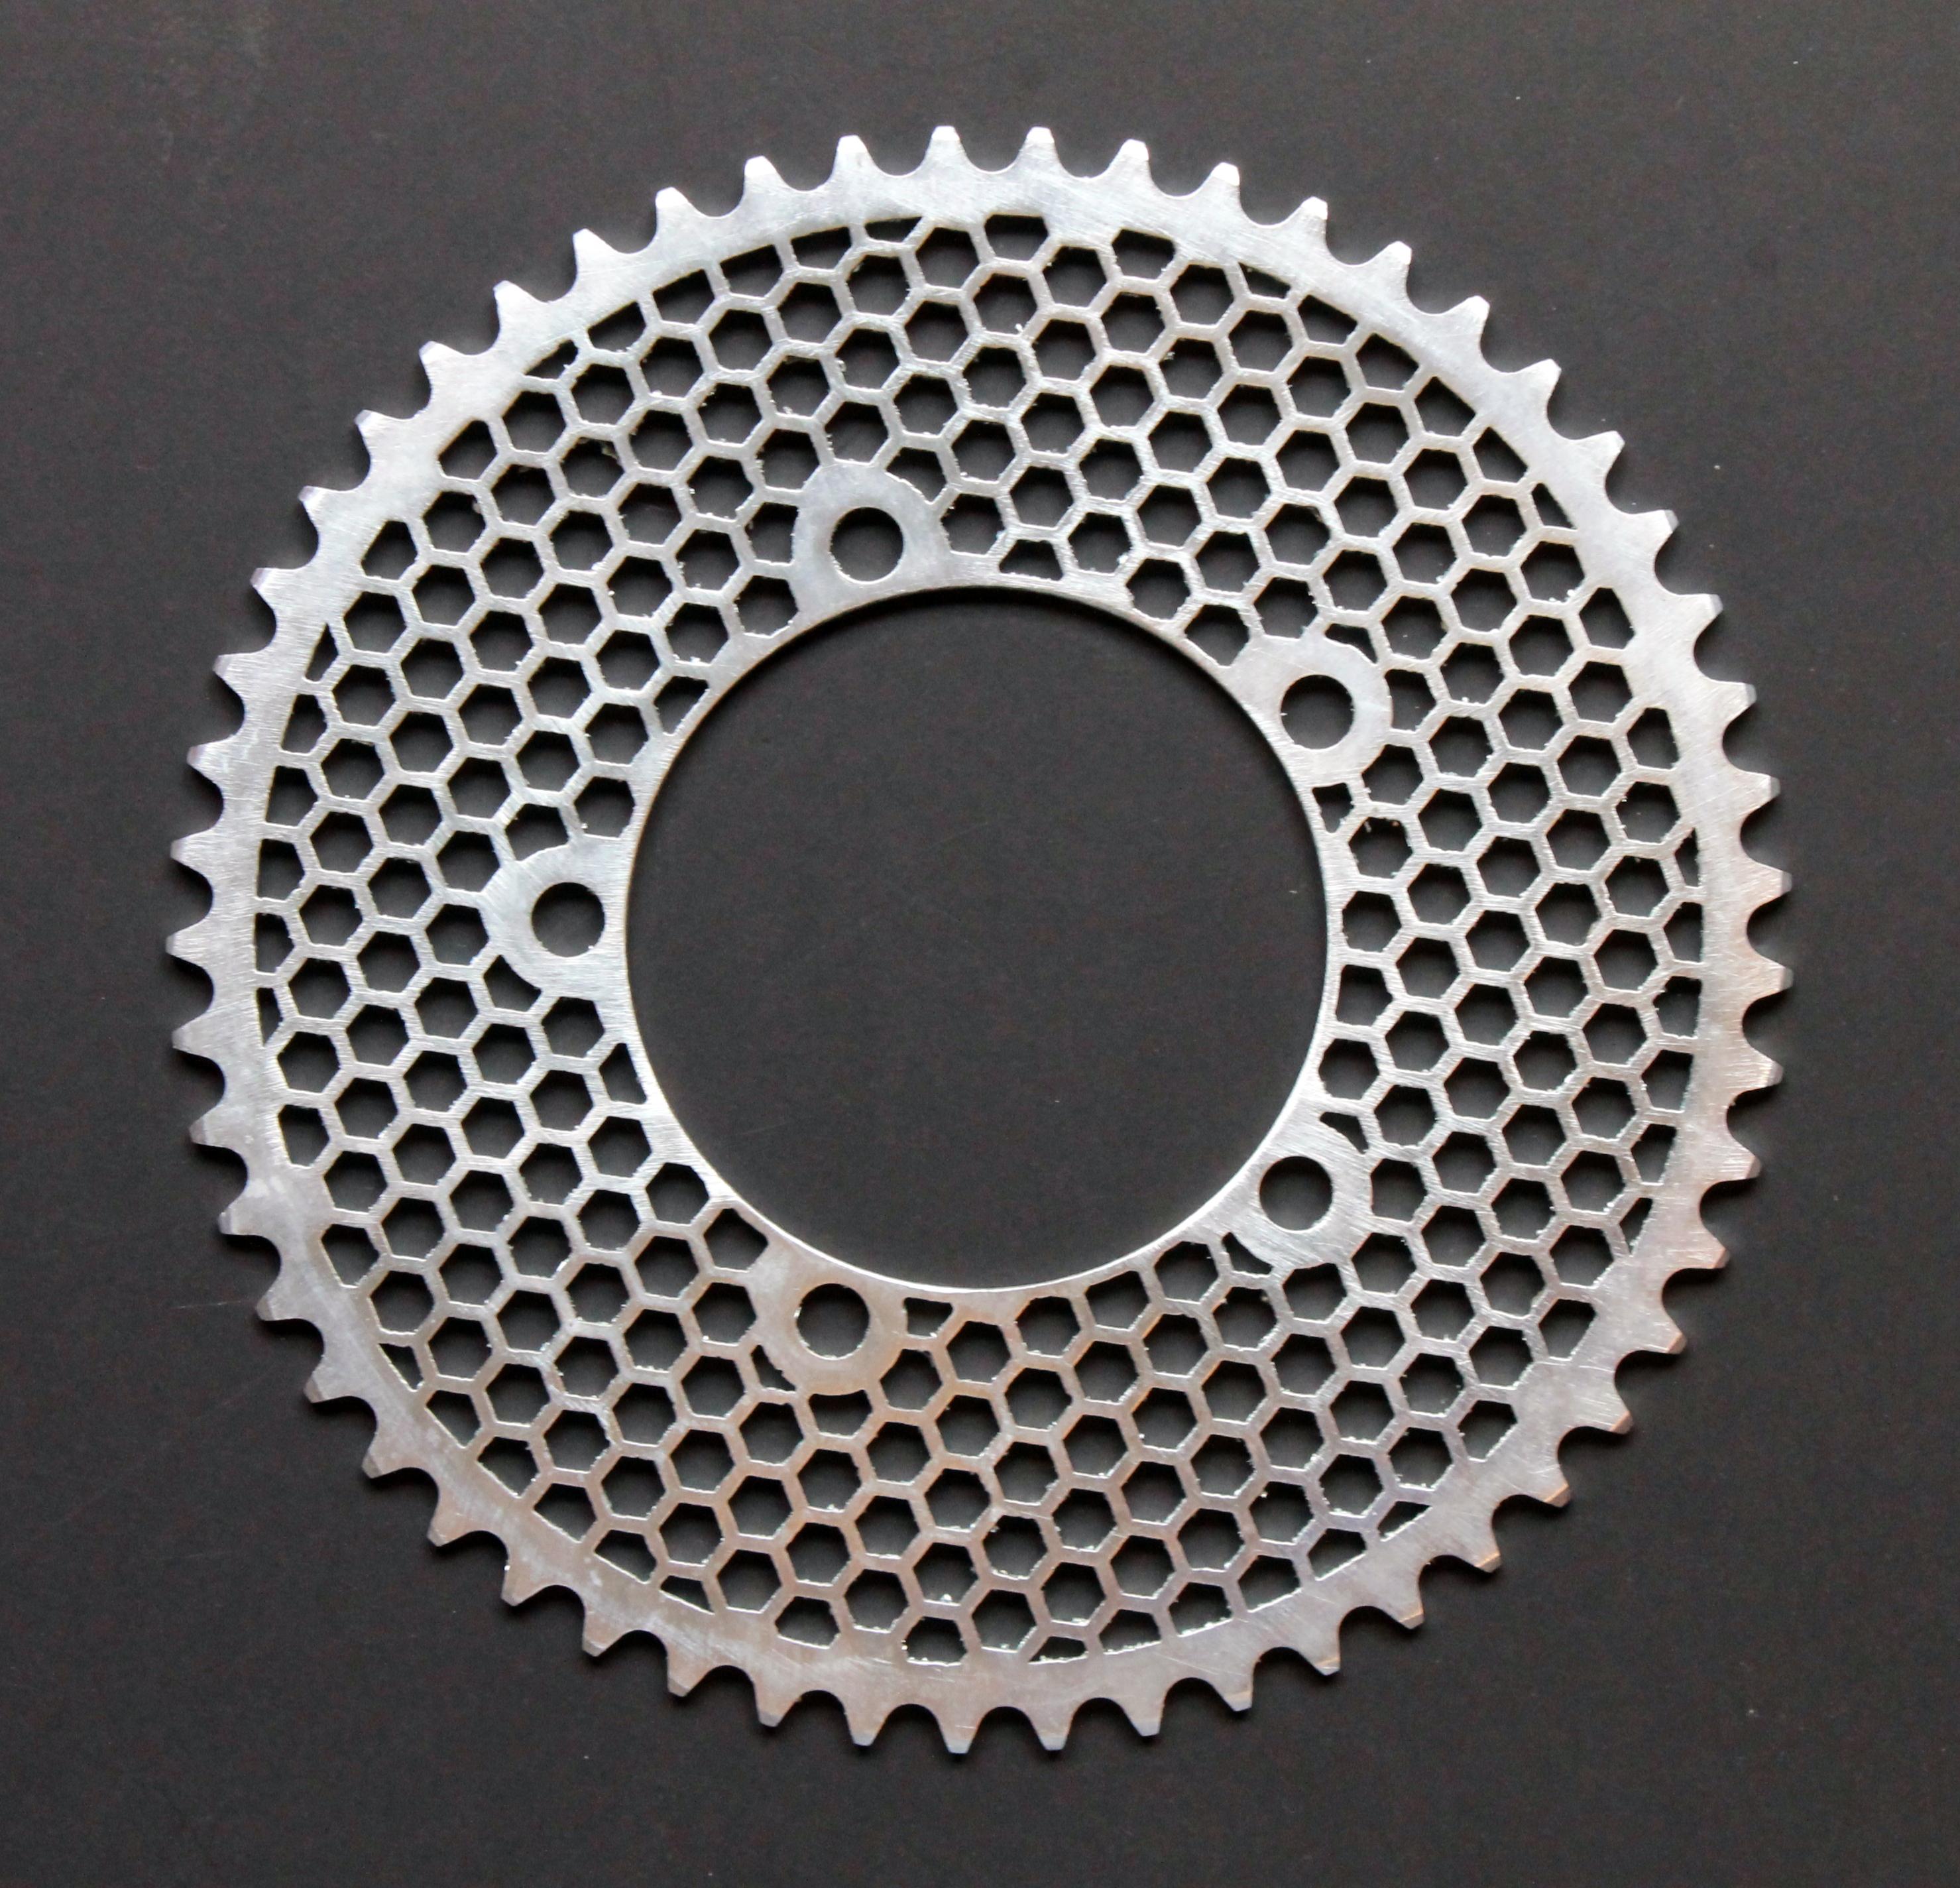 hexagon design round chainring